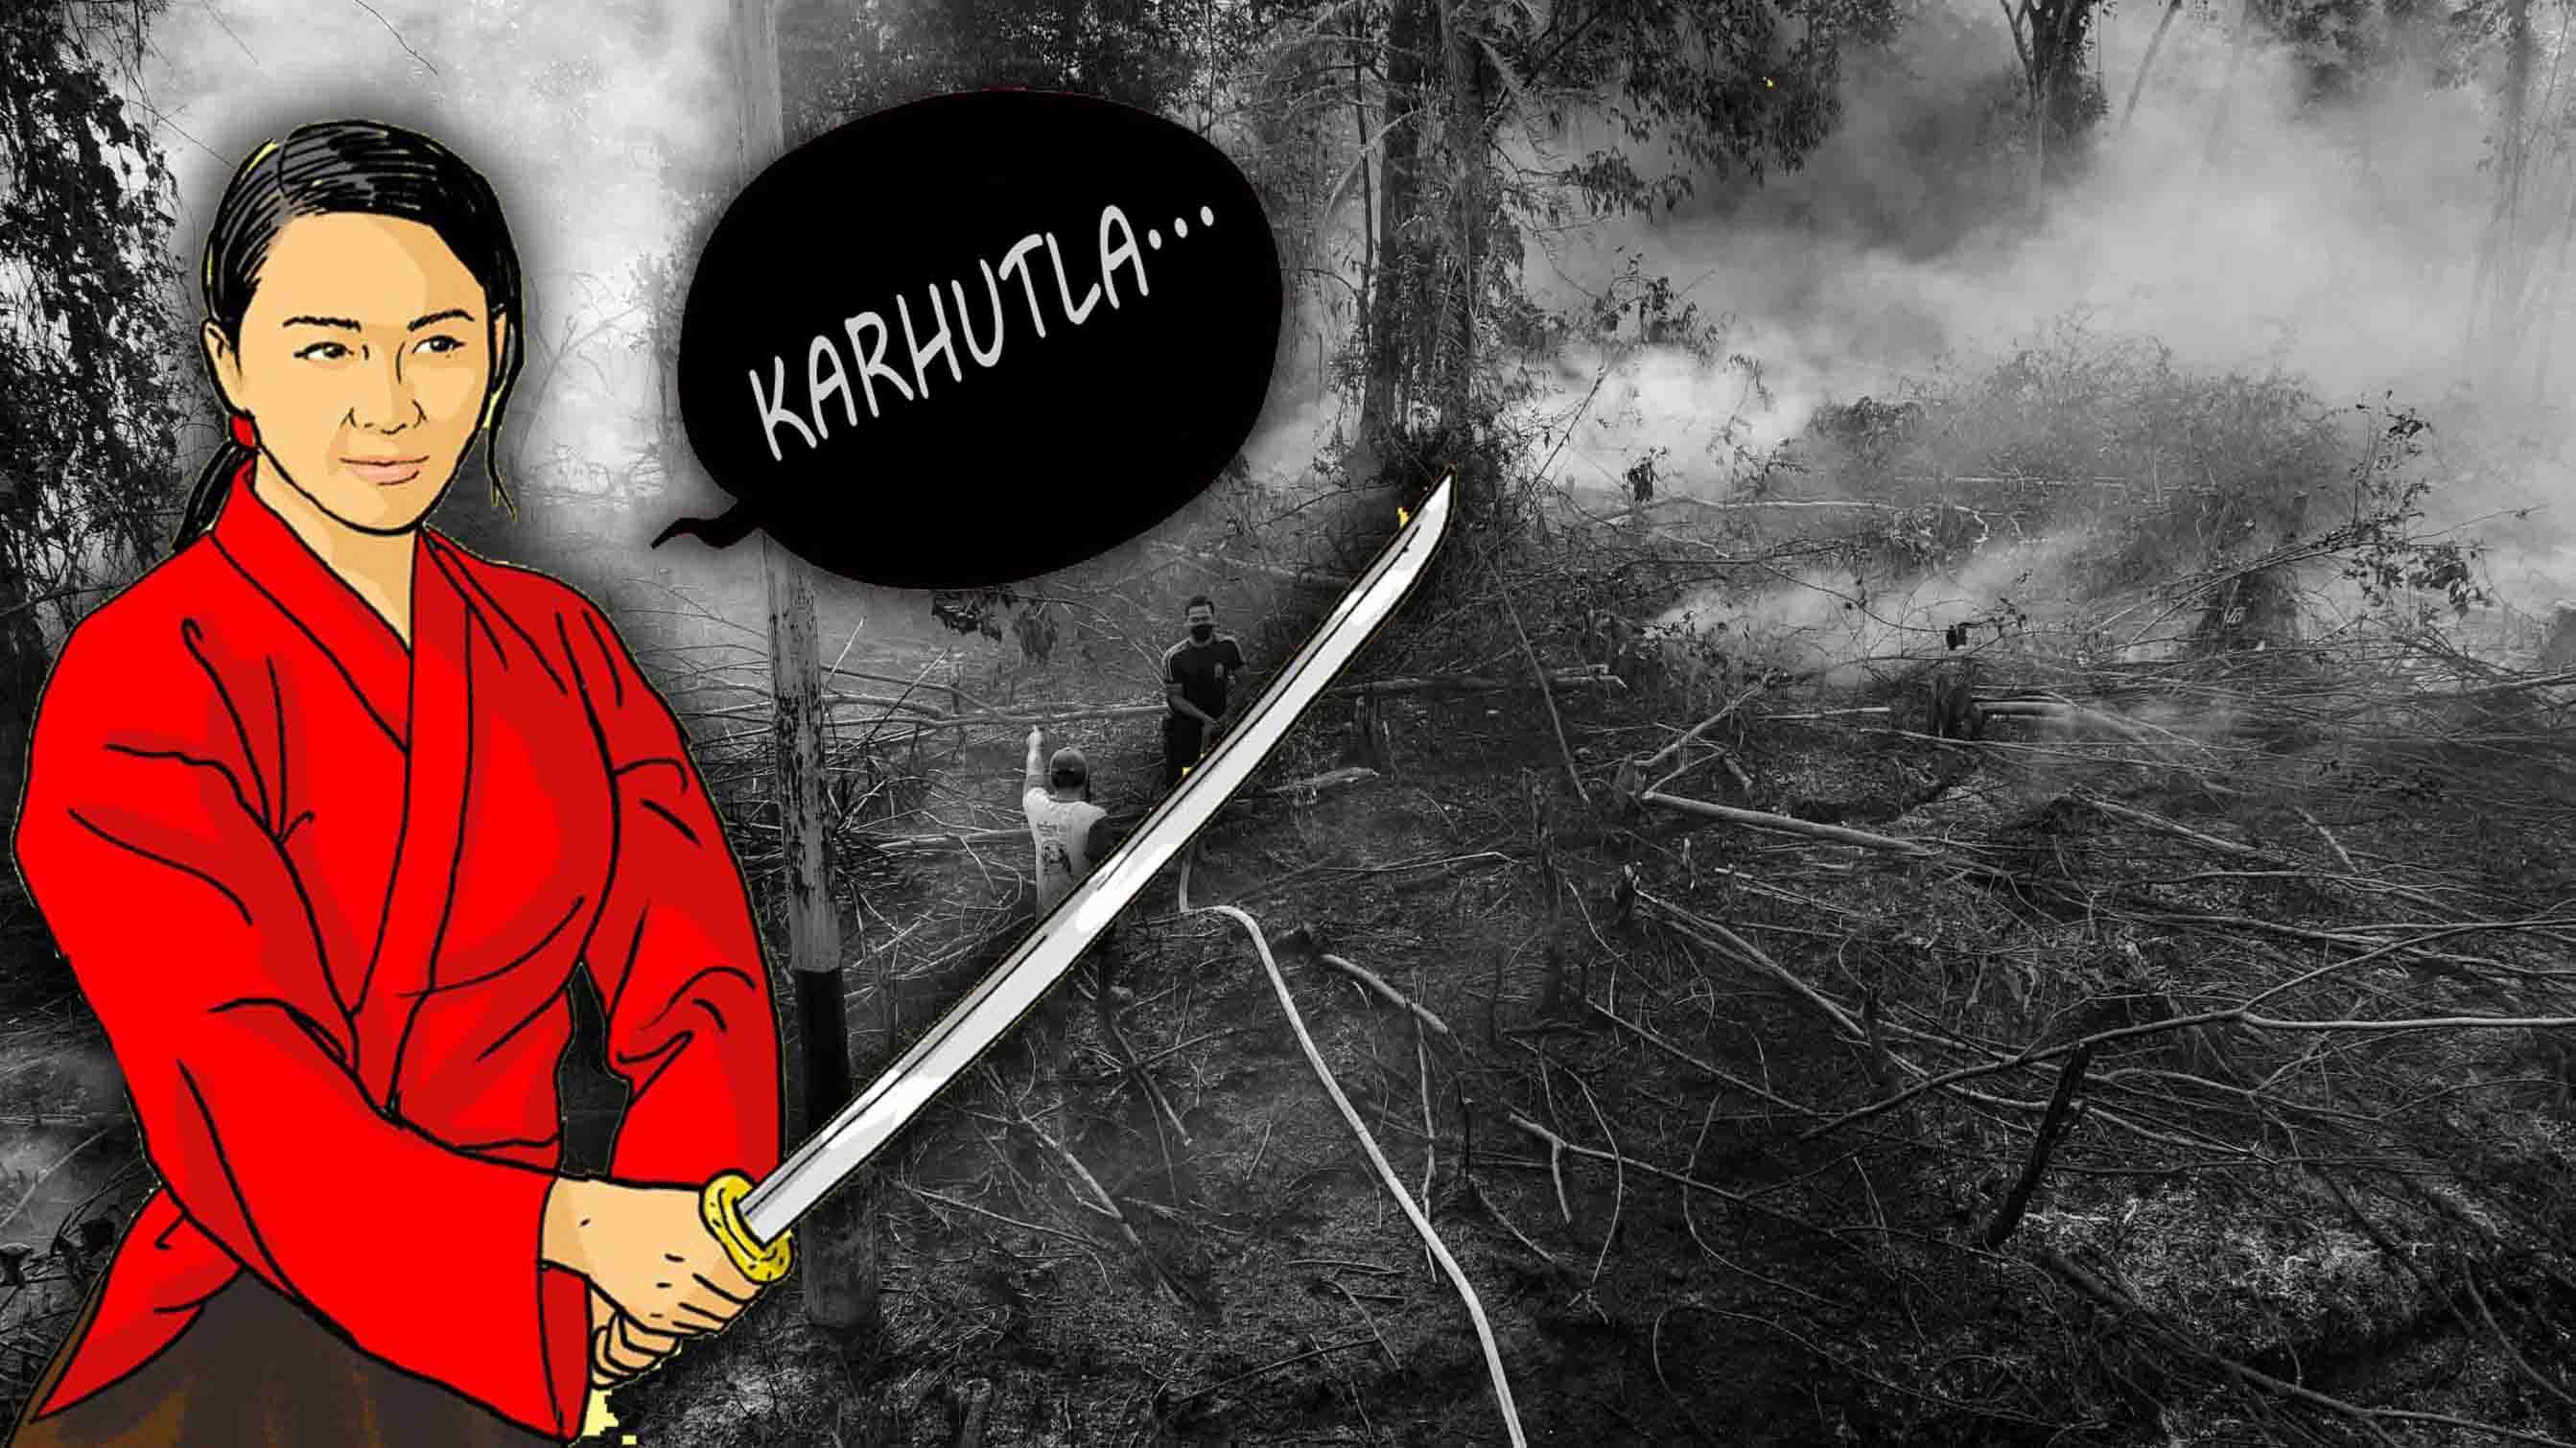 Ilustrasi Kalimantan Today